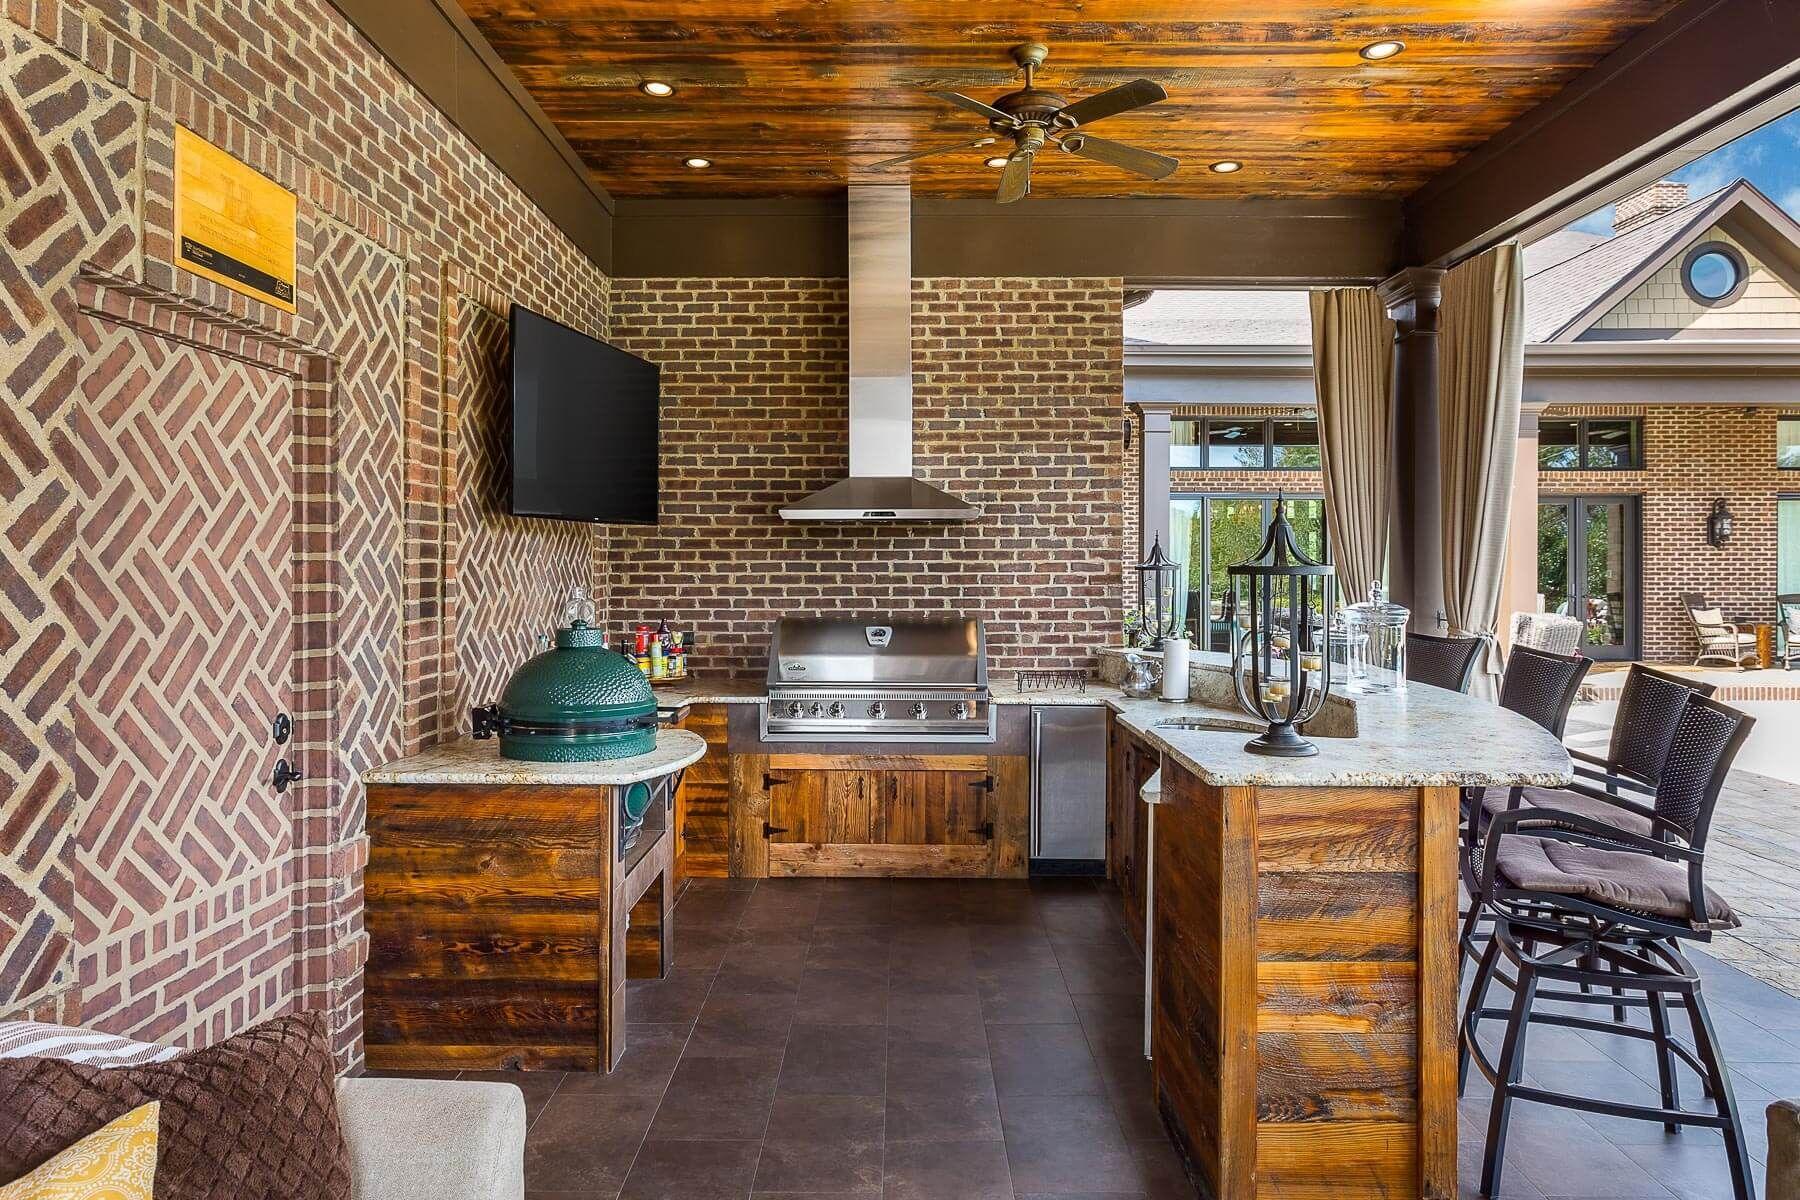 Outdoor Küche Aus Usa : Referenzprojekt aus den usa the coats residence